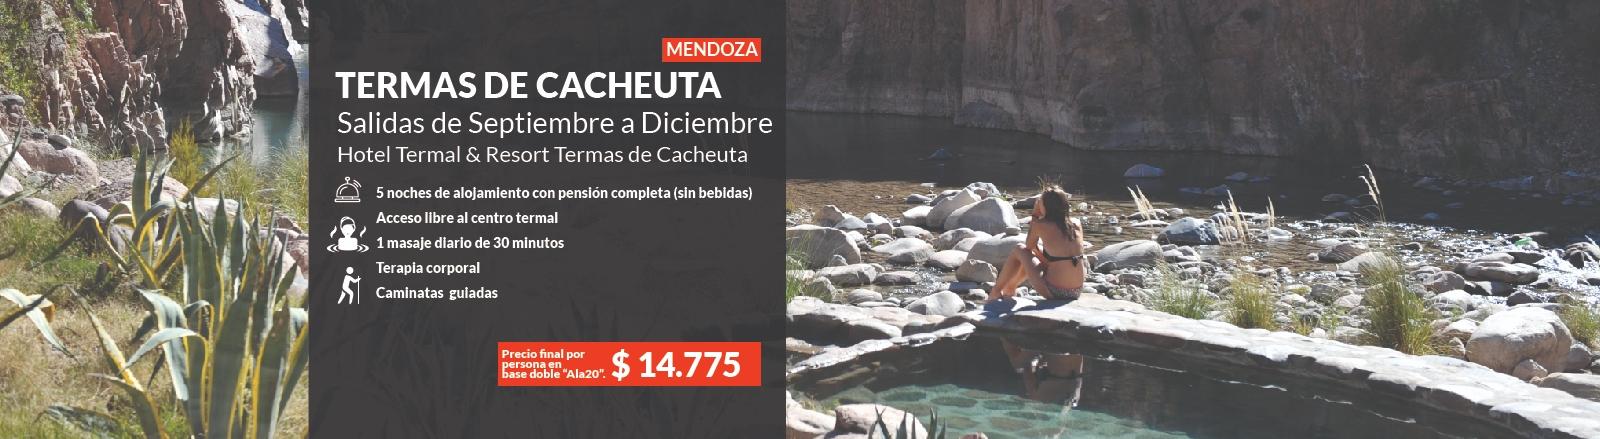 Termas de Cacheuta - Mendoza